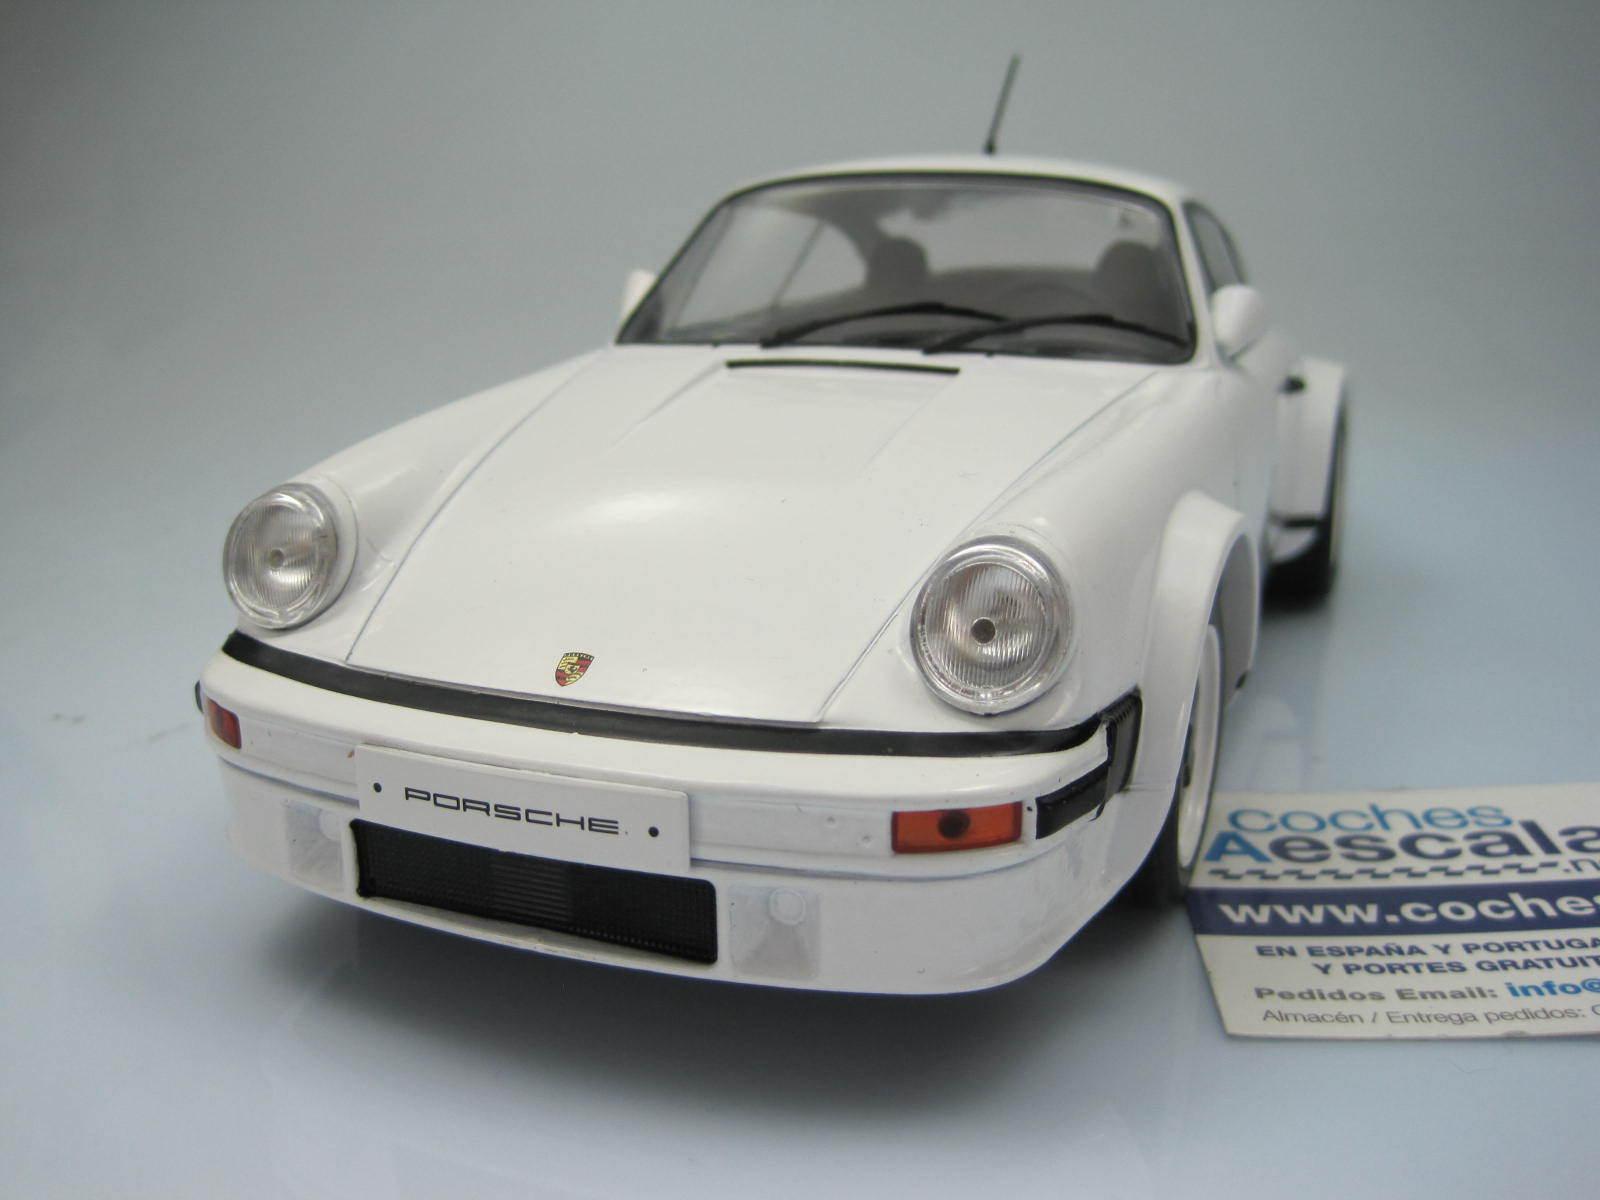 1 18 Ixo Models Porsche 911 SC 1982 1982 1982 930 race version 18CMC007 not altaya 7e7233